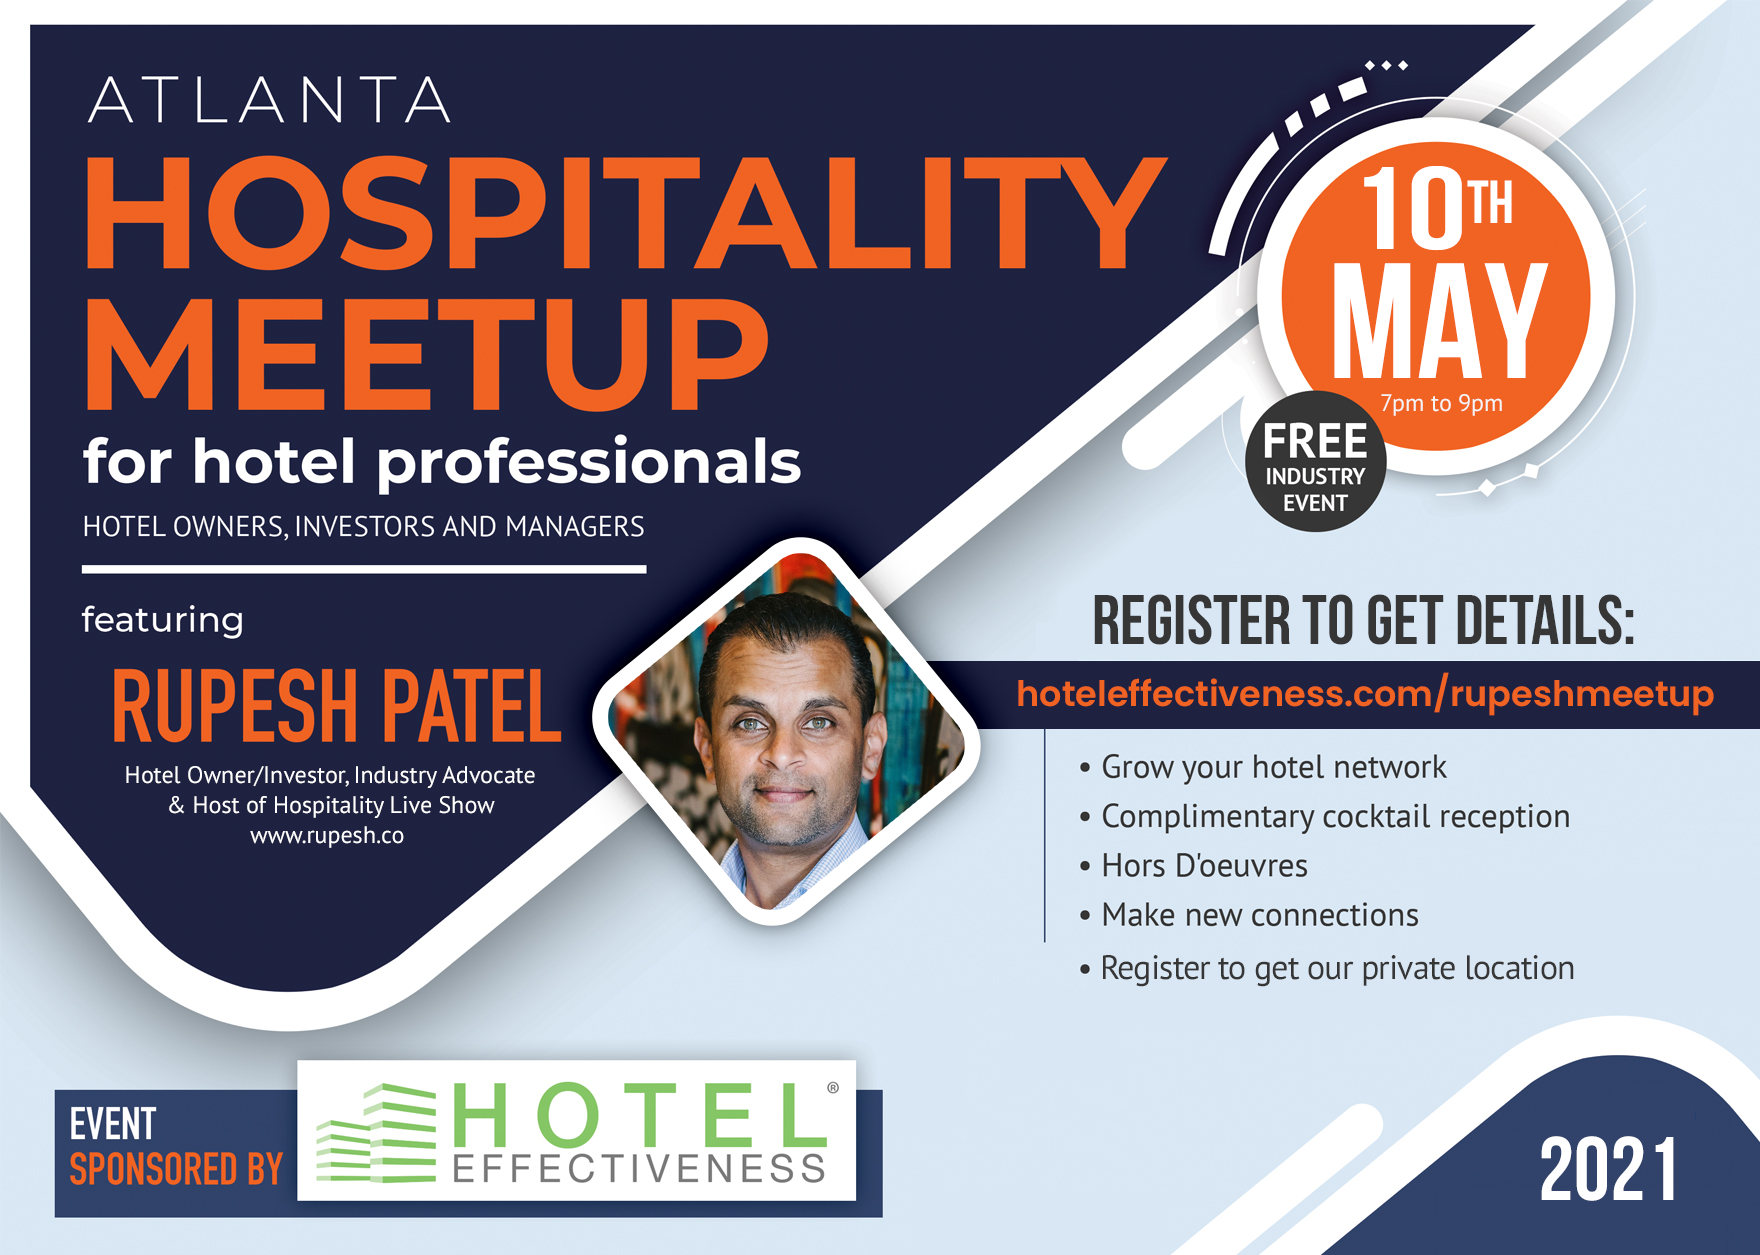 hospitality_meetup-1